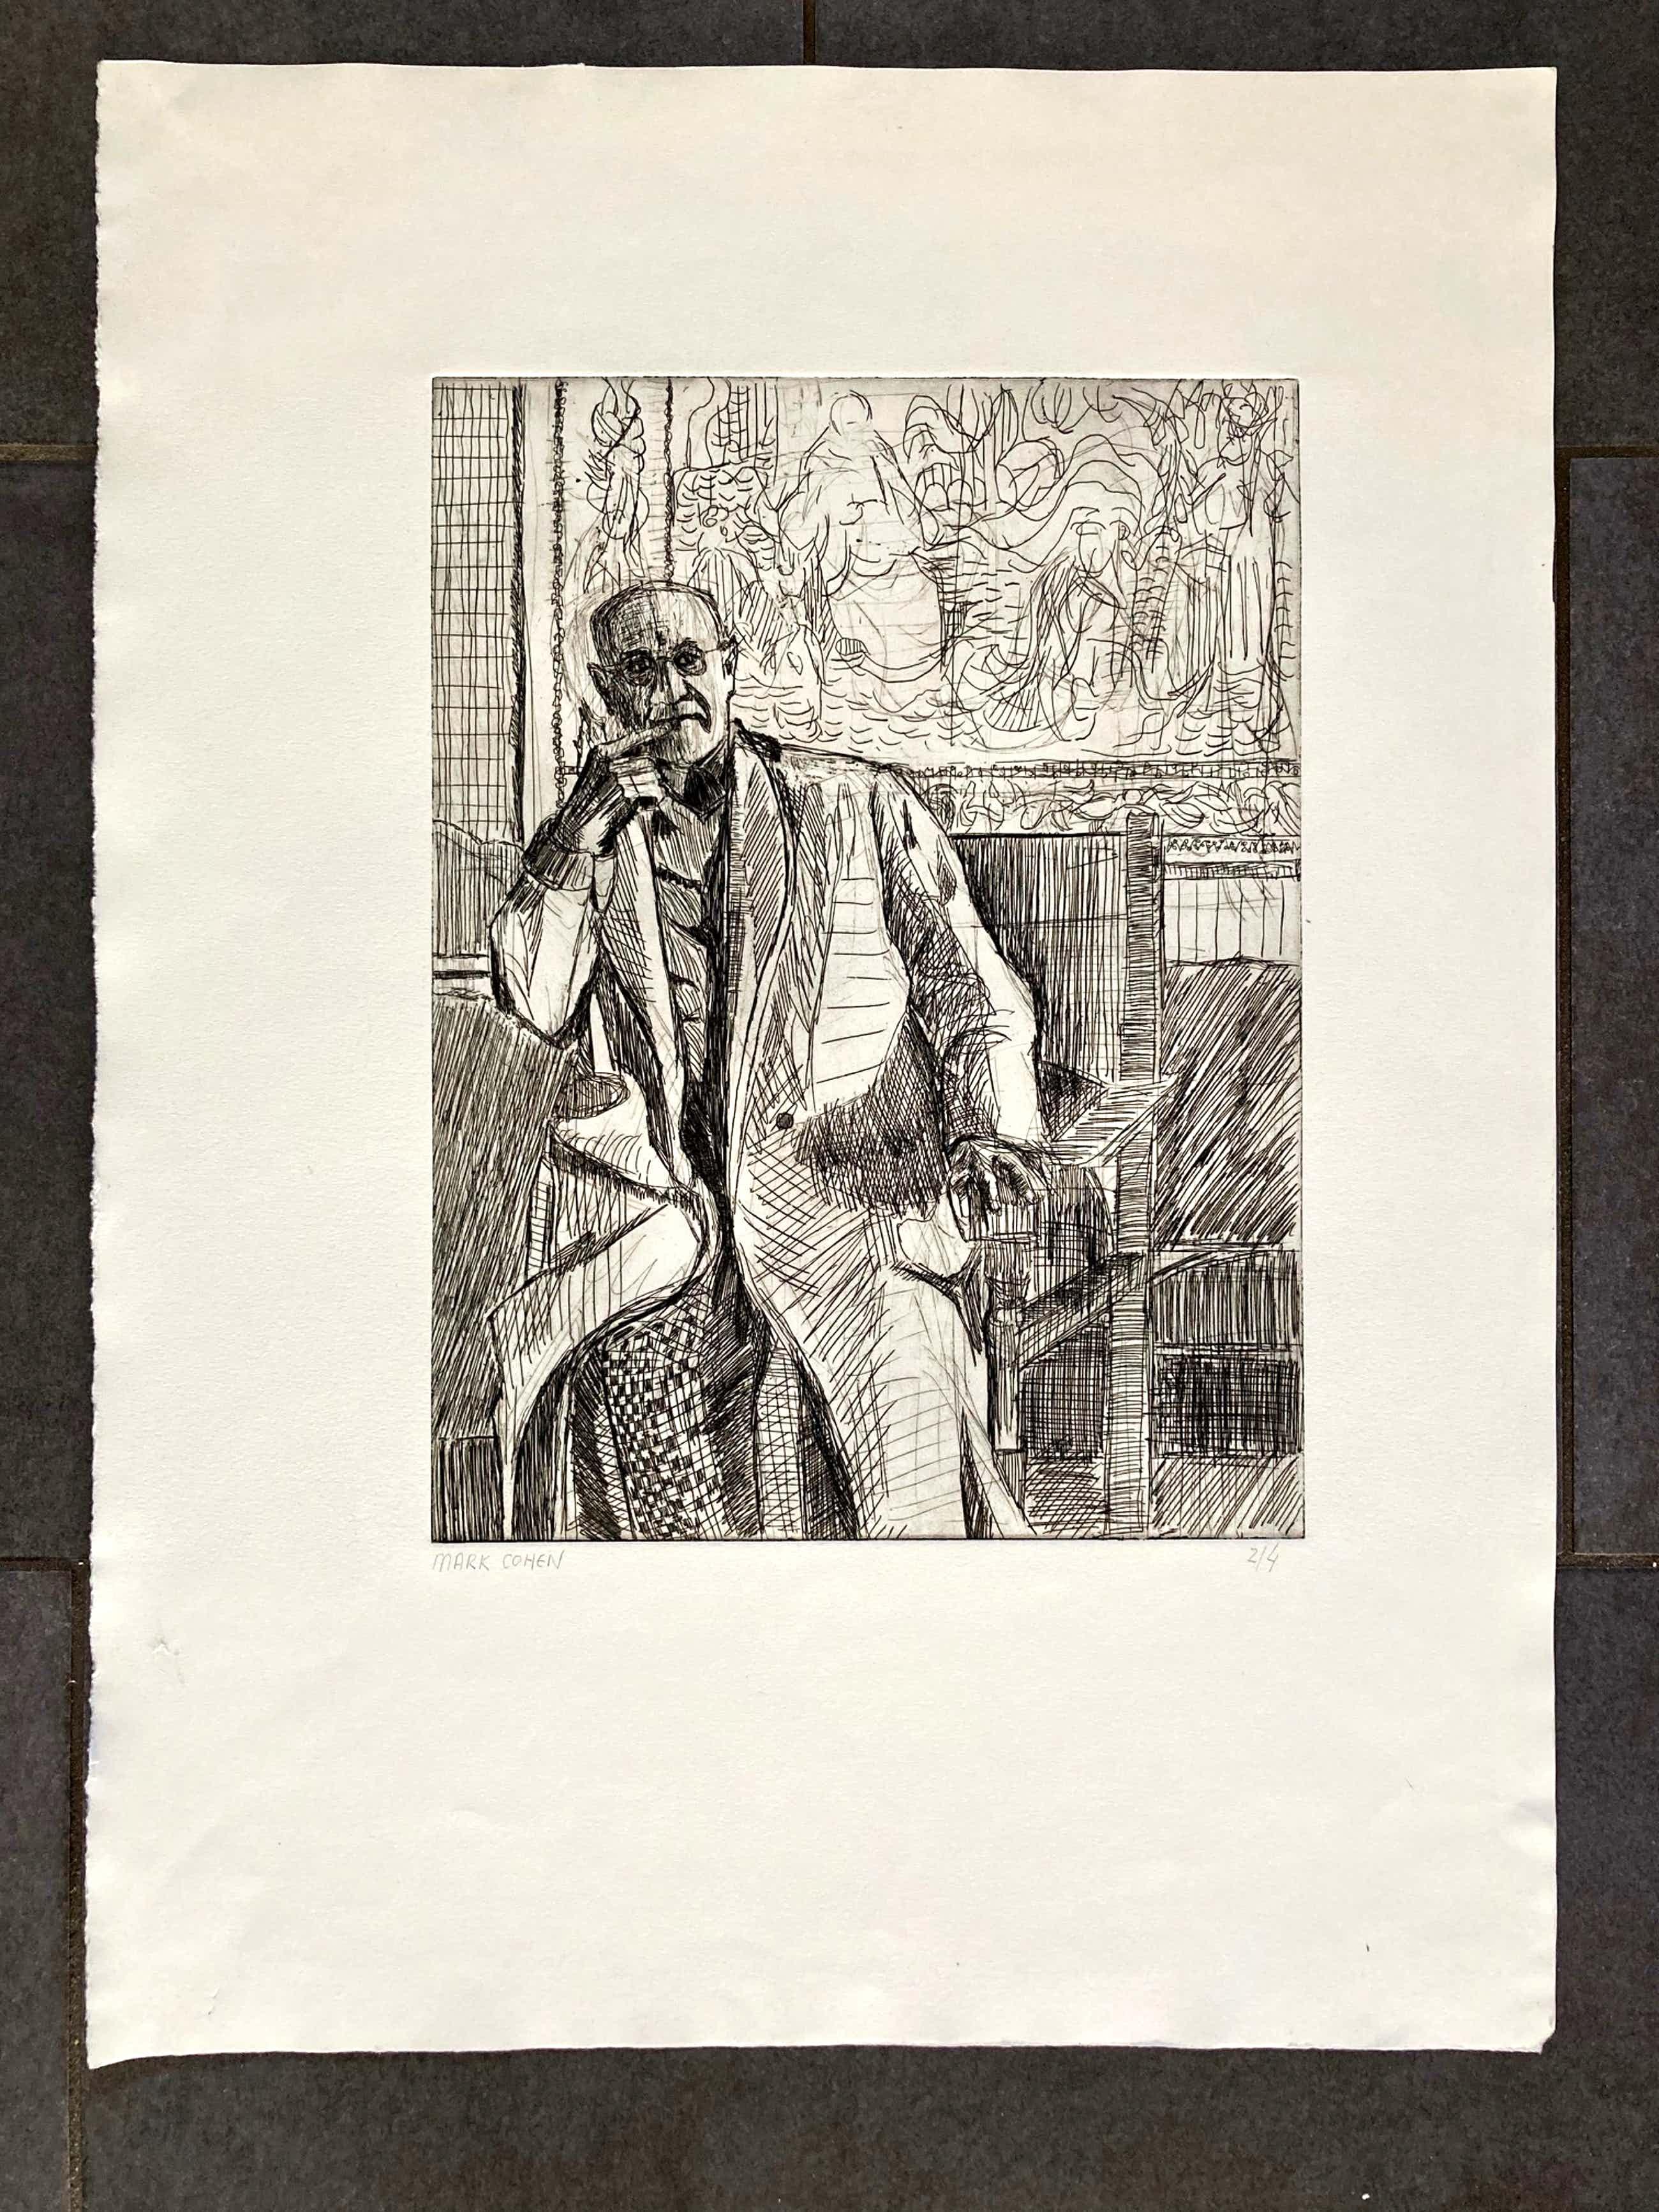 Mark Cohen - Henri Matisse Seated (4 van 4) kopen? Bied vanaf 25!